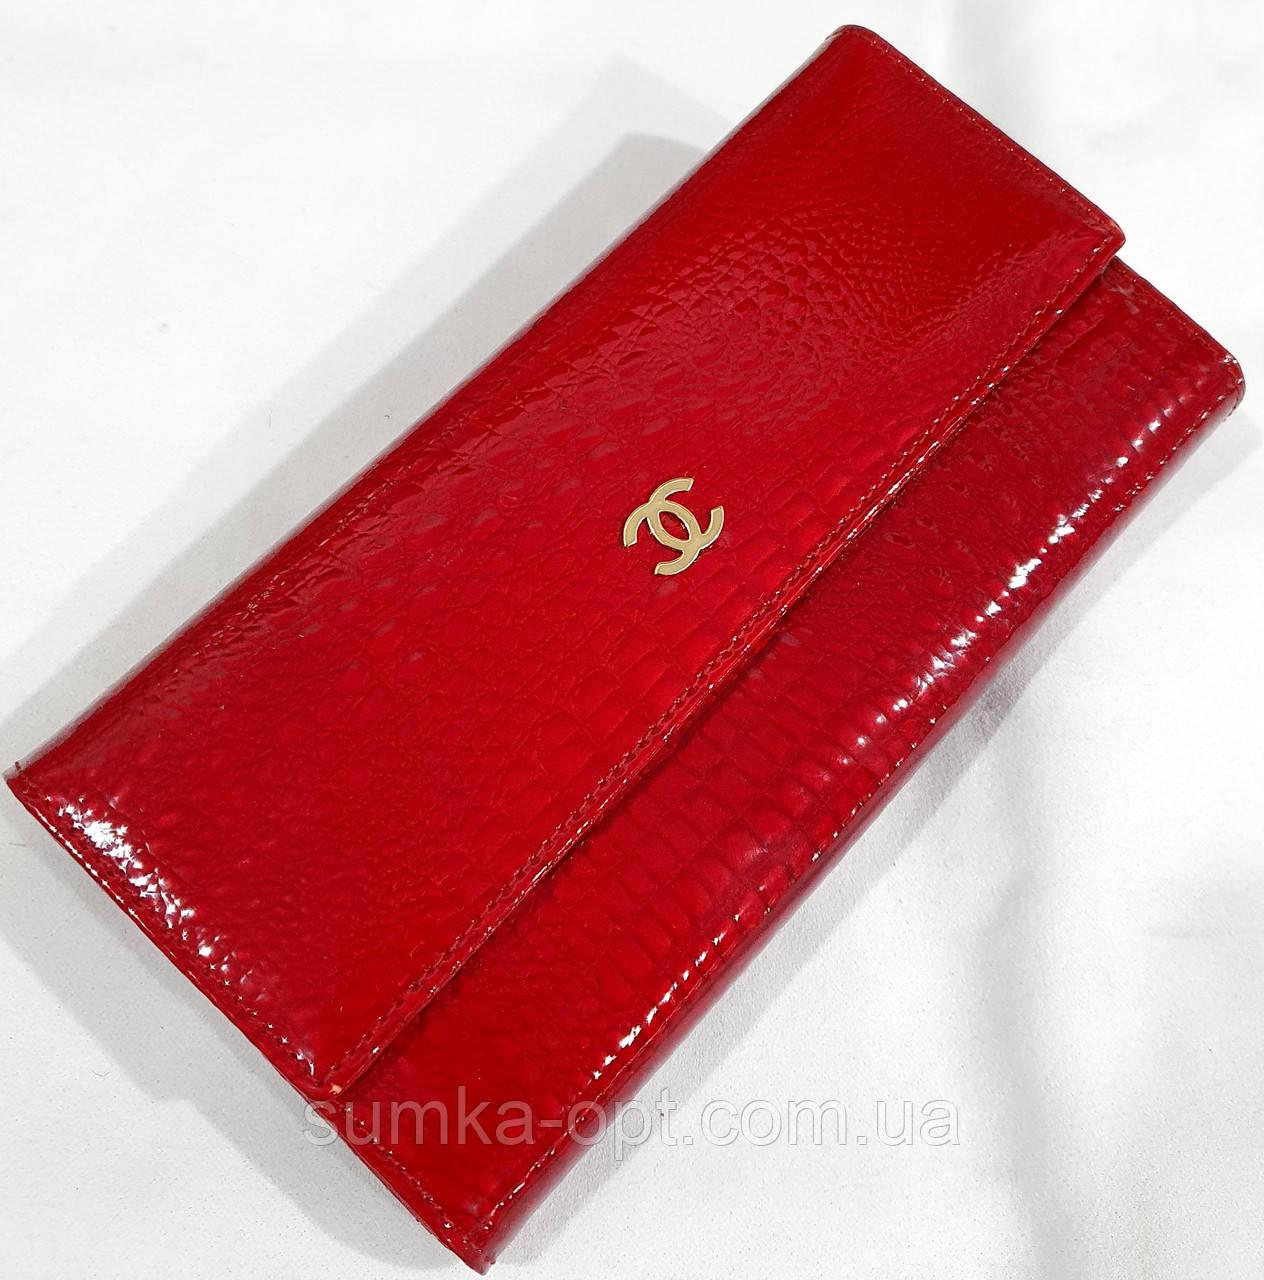 Женский красный лаковый кошелек Chanel на кнопках (натуральная кожа)